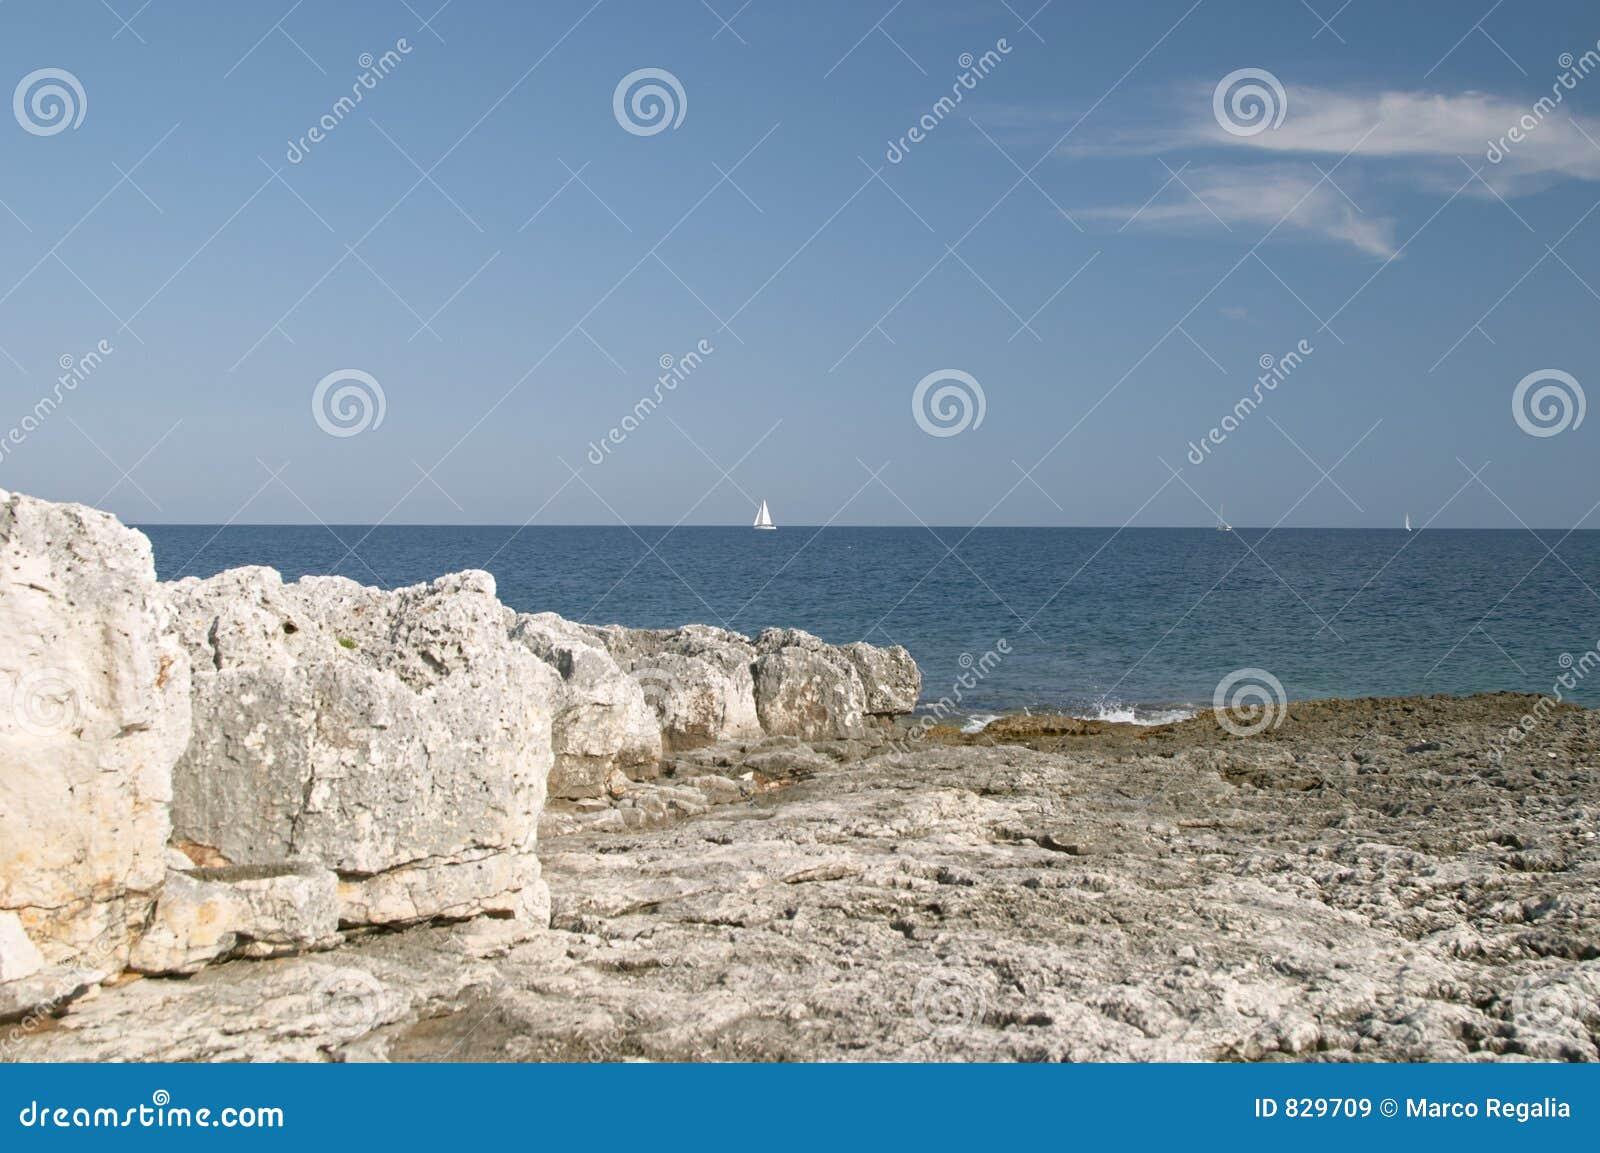 Blue sea coast